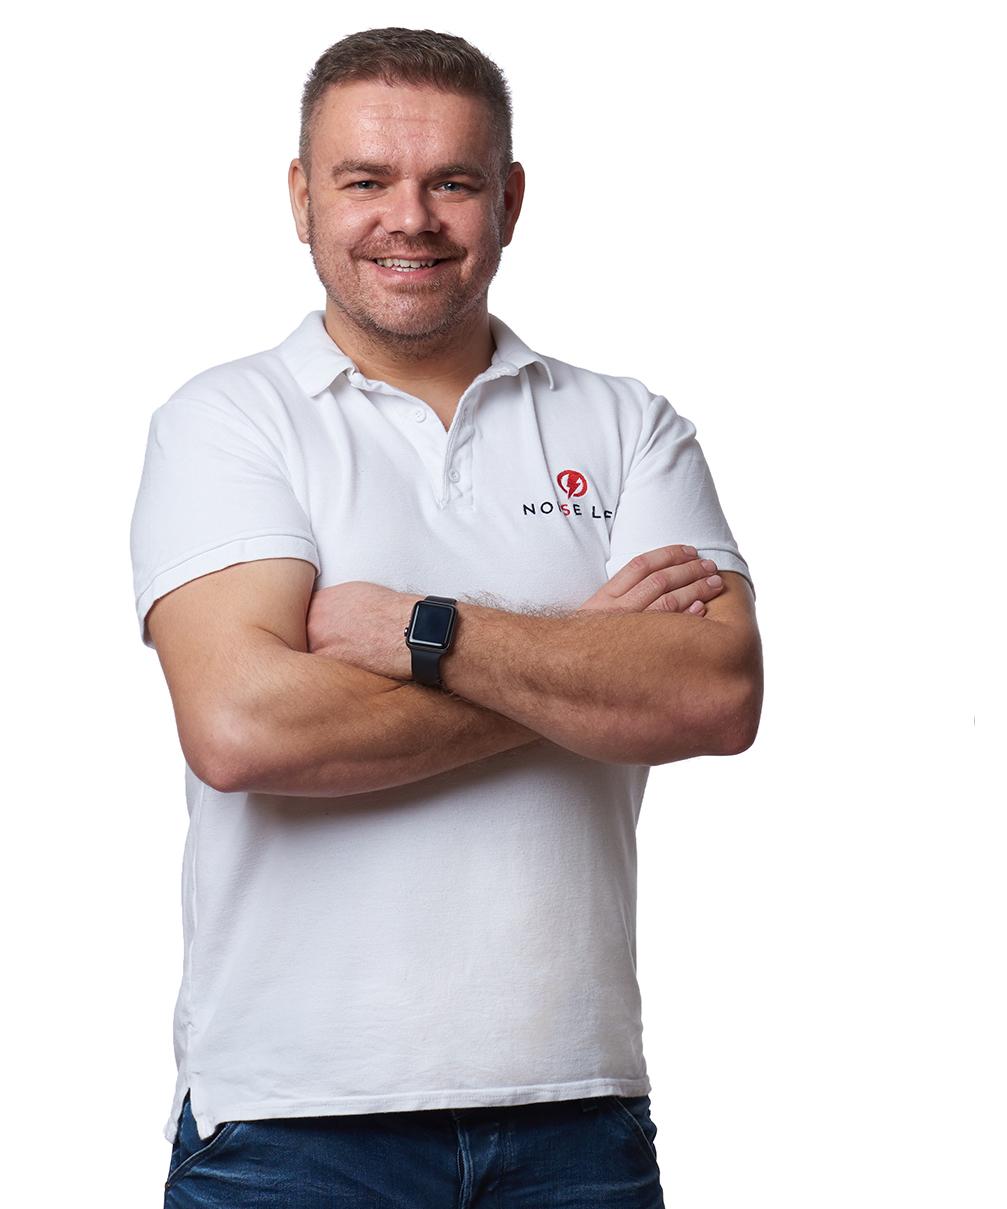 Jánvári Gábor kamerarendszer kivitelező